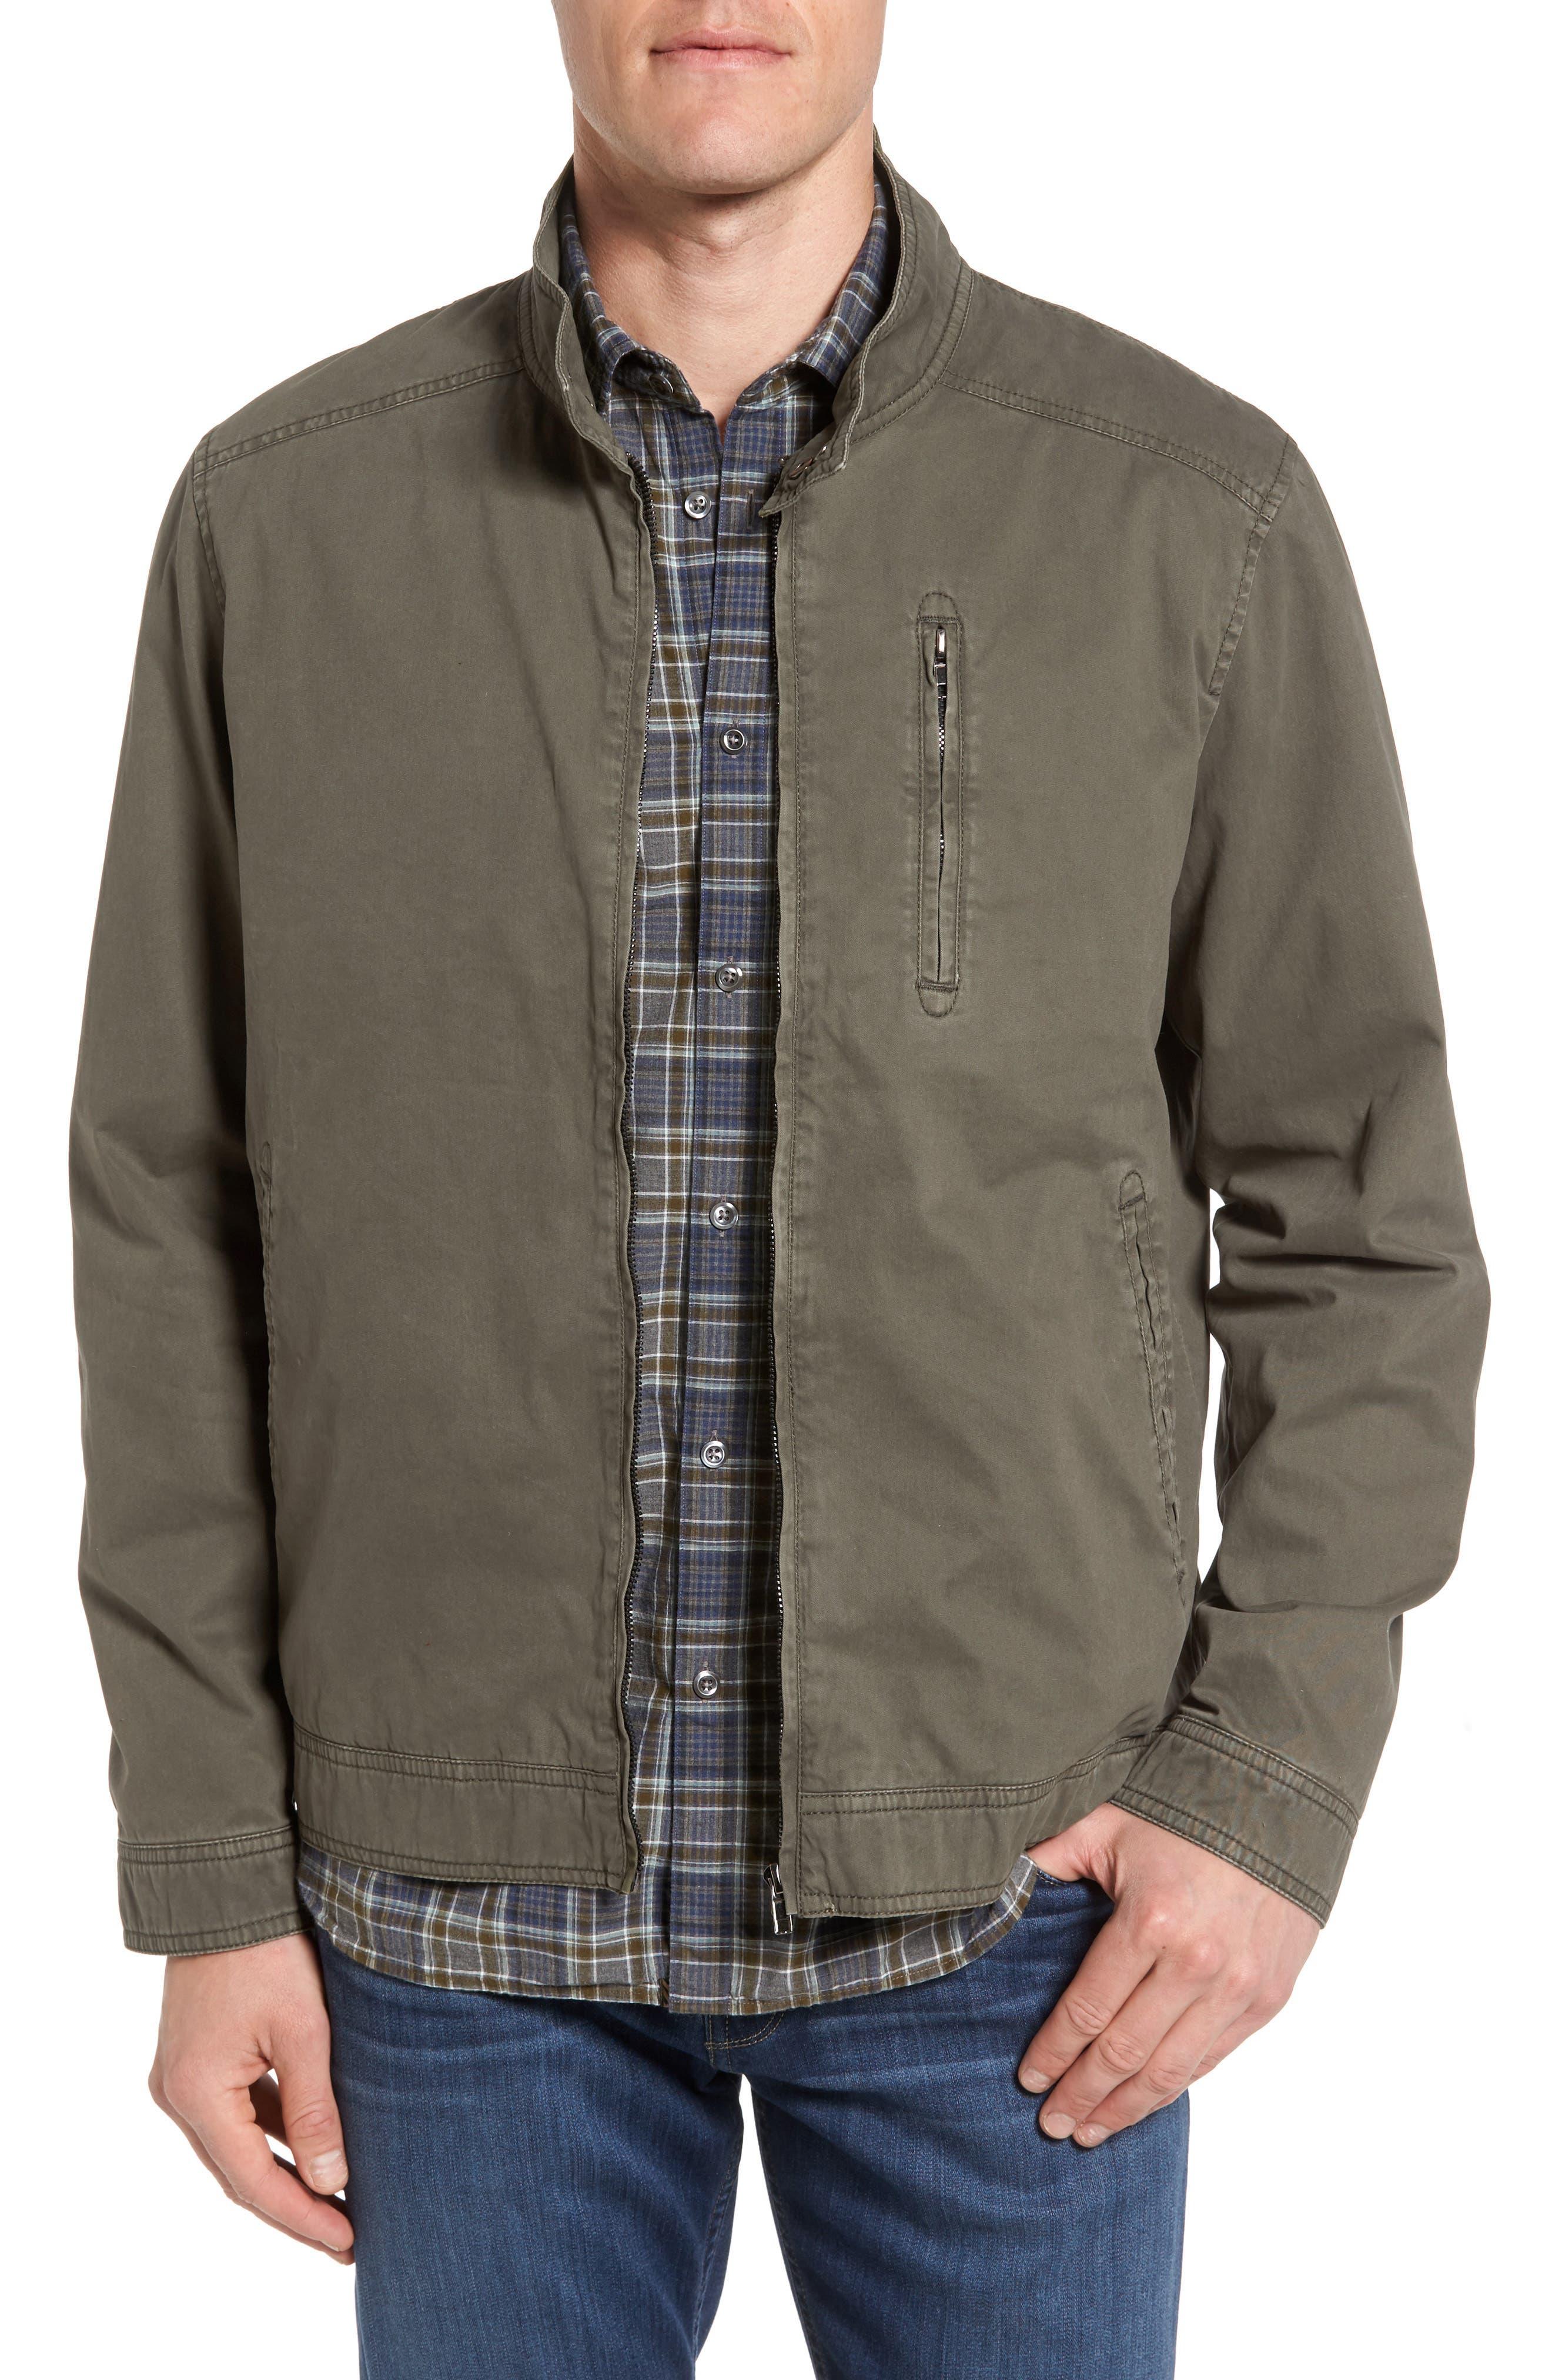 Rodd & Gunn'Armitage' Harrington Jacket